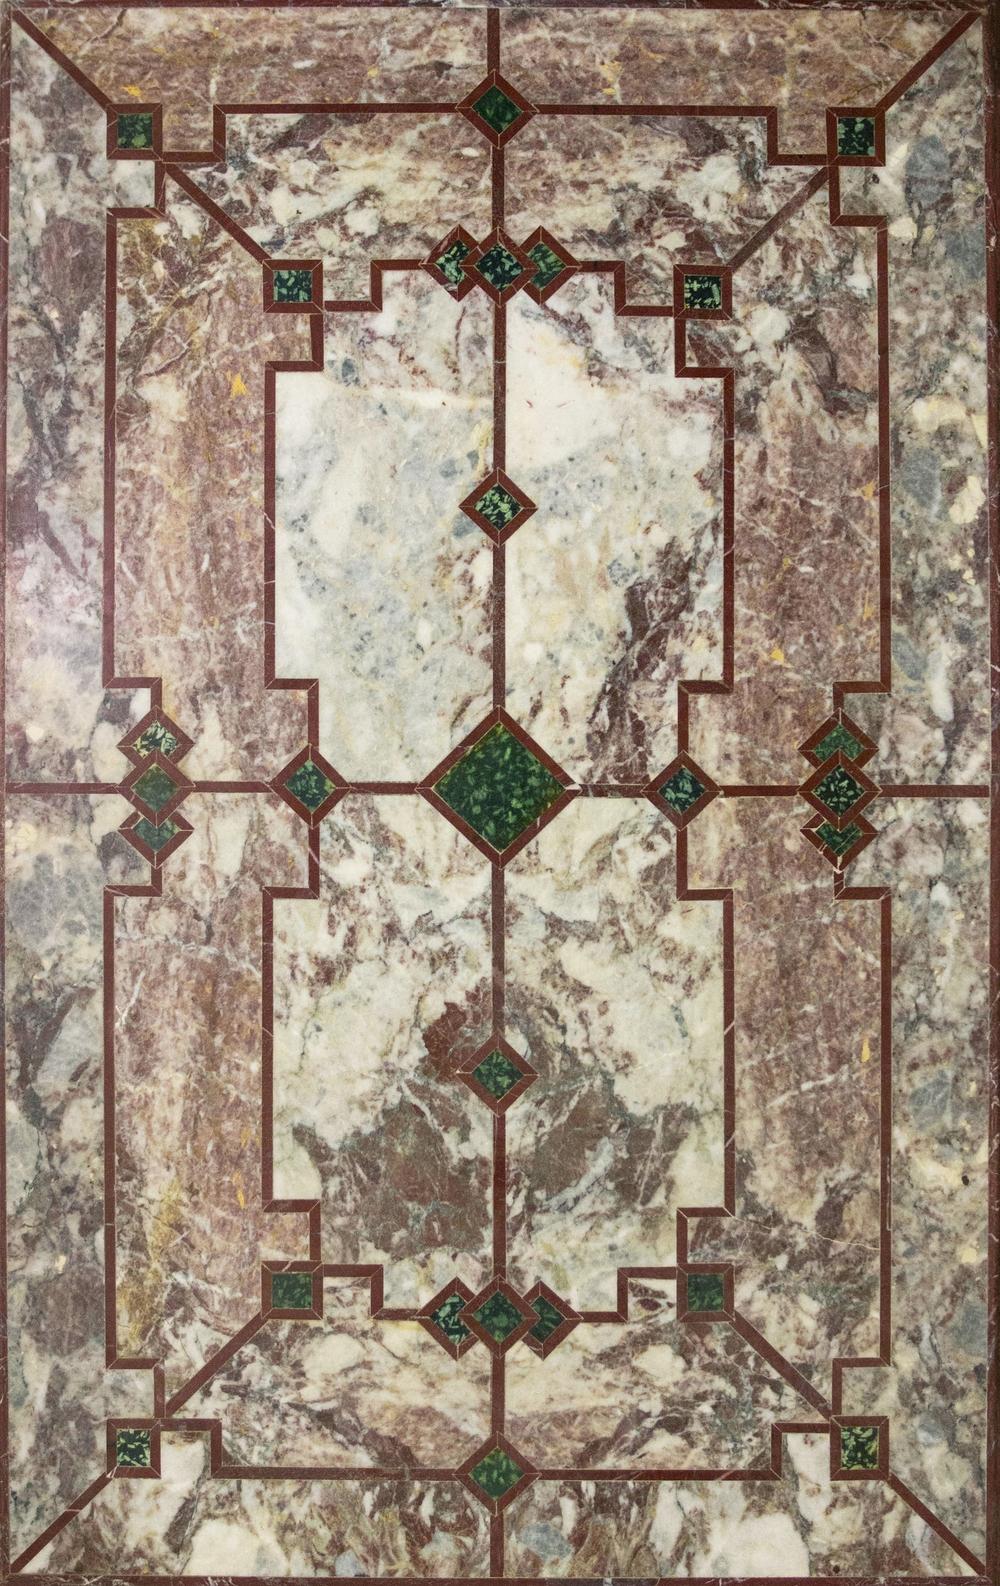 mosaic-26.jpg